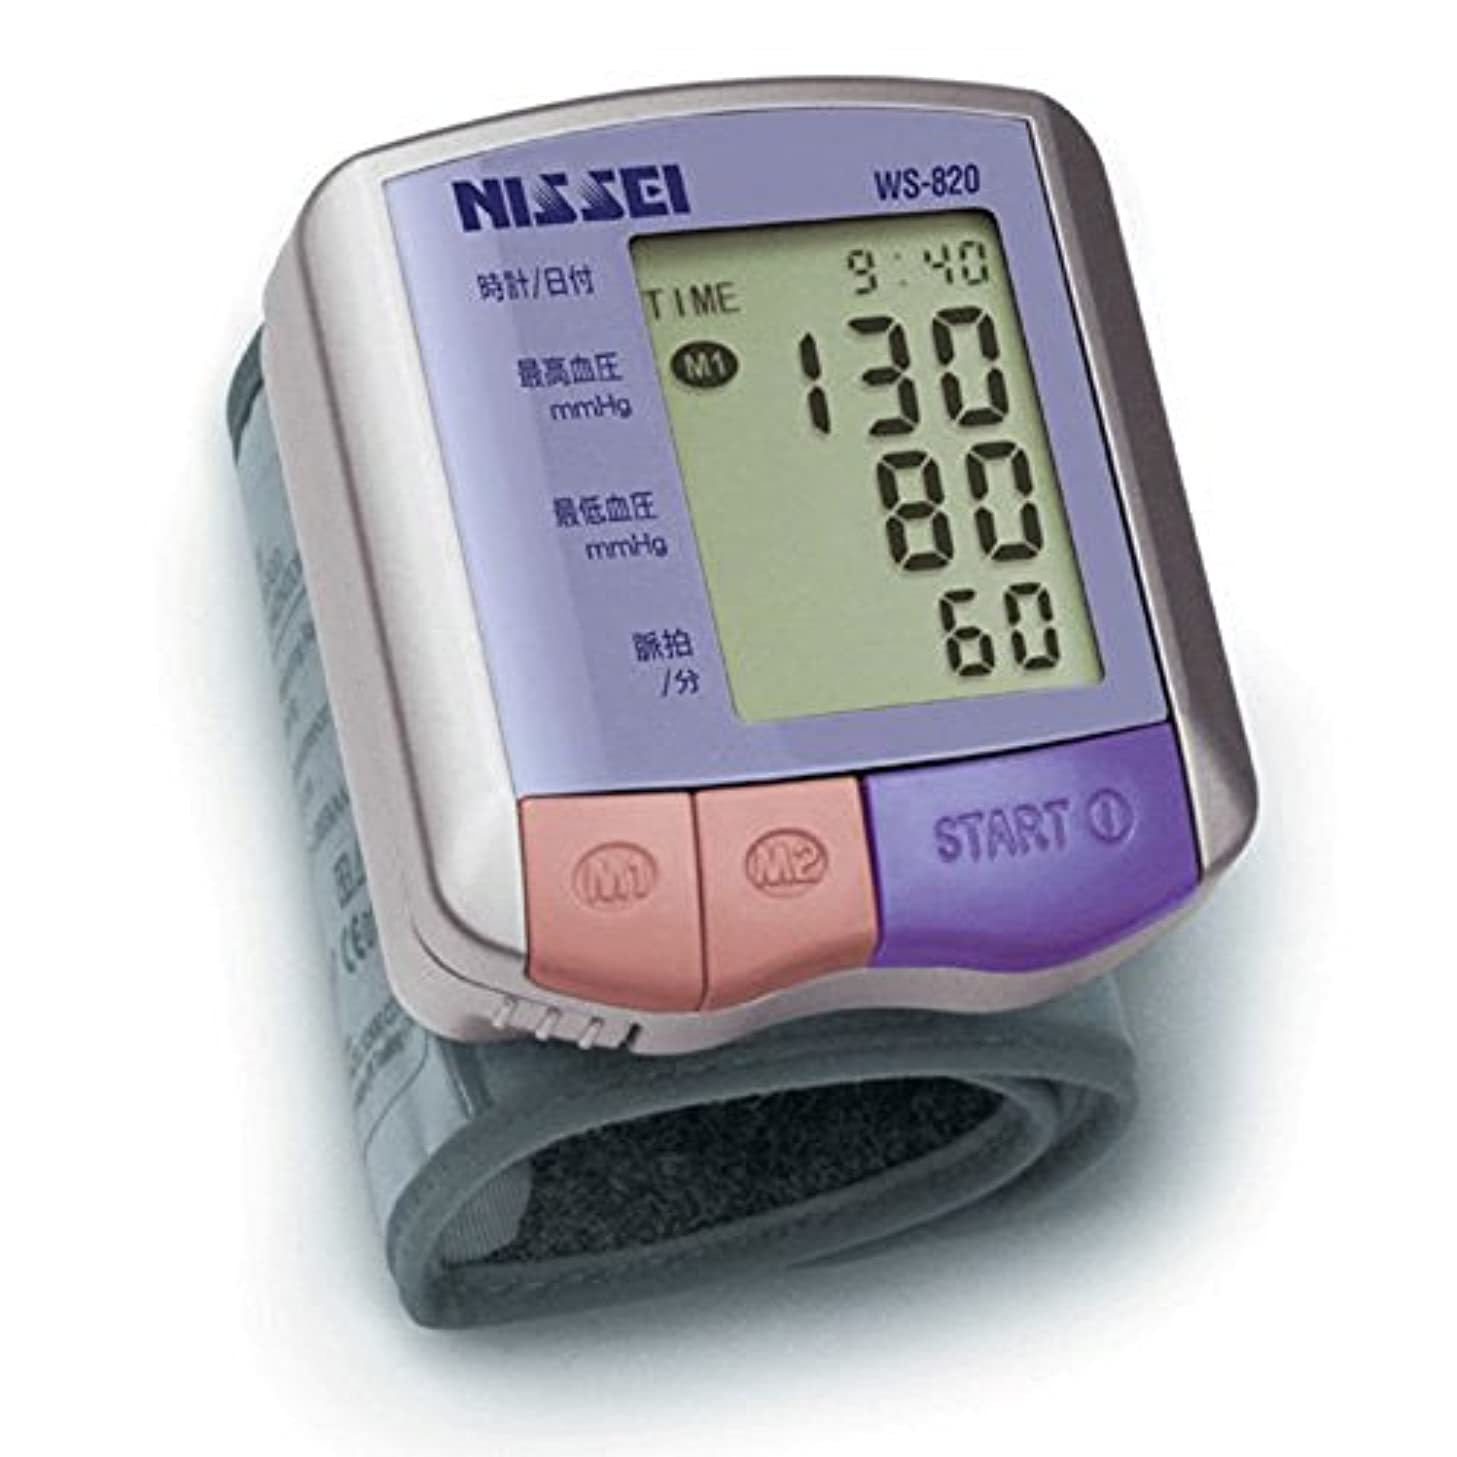 数道徳クラシックNISSEI ニッセイ コンパクト手首式 デジタル血圧計 WS-820